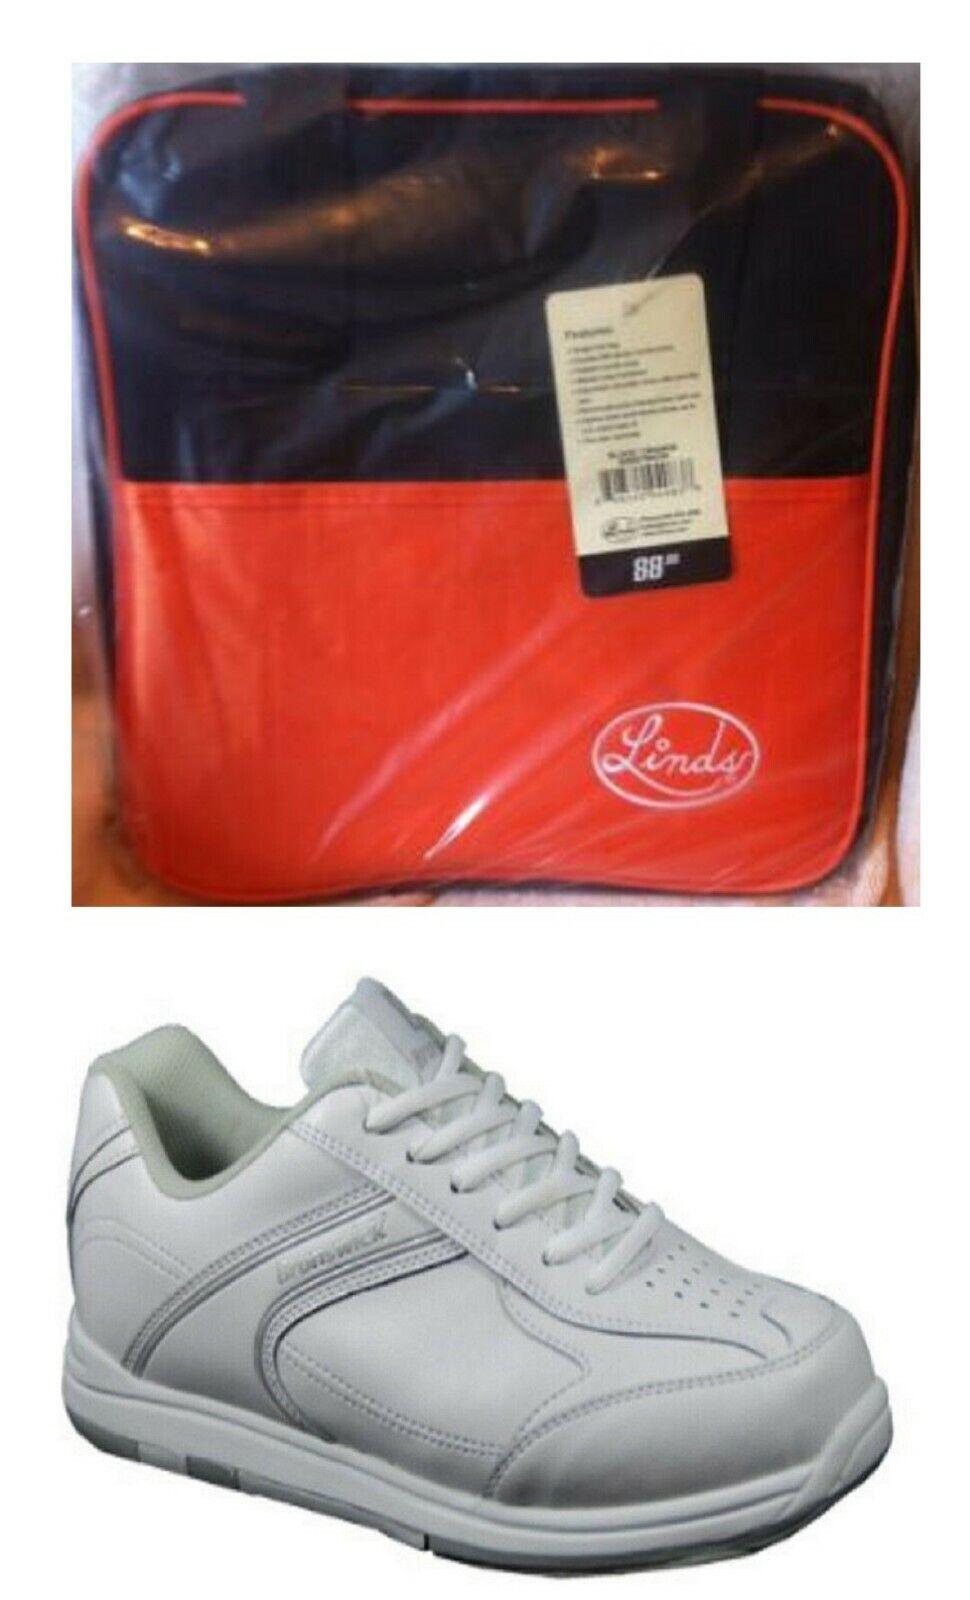 Boys Brunswick Flyer White Bowling Shoes Size 1 & Linds Oran